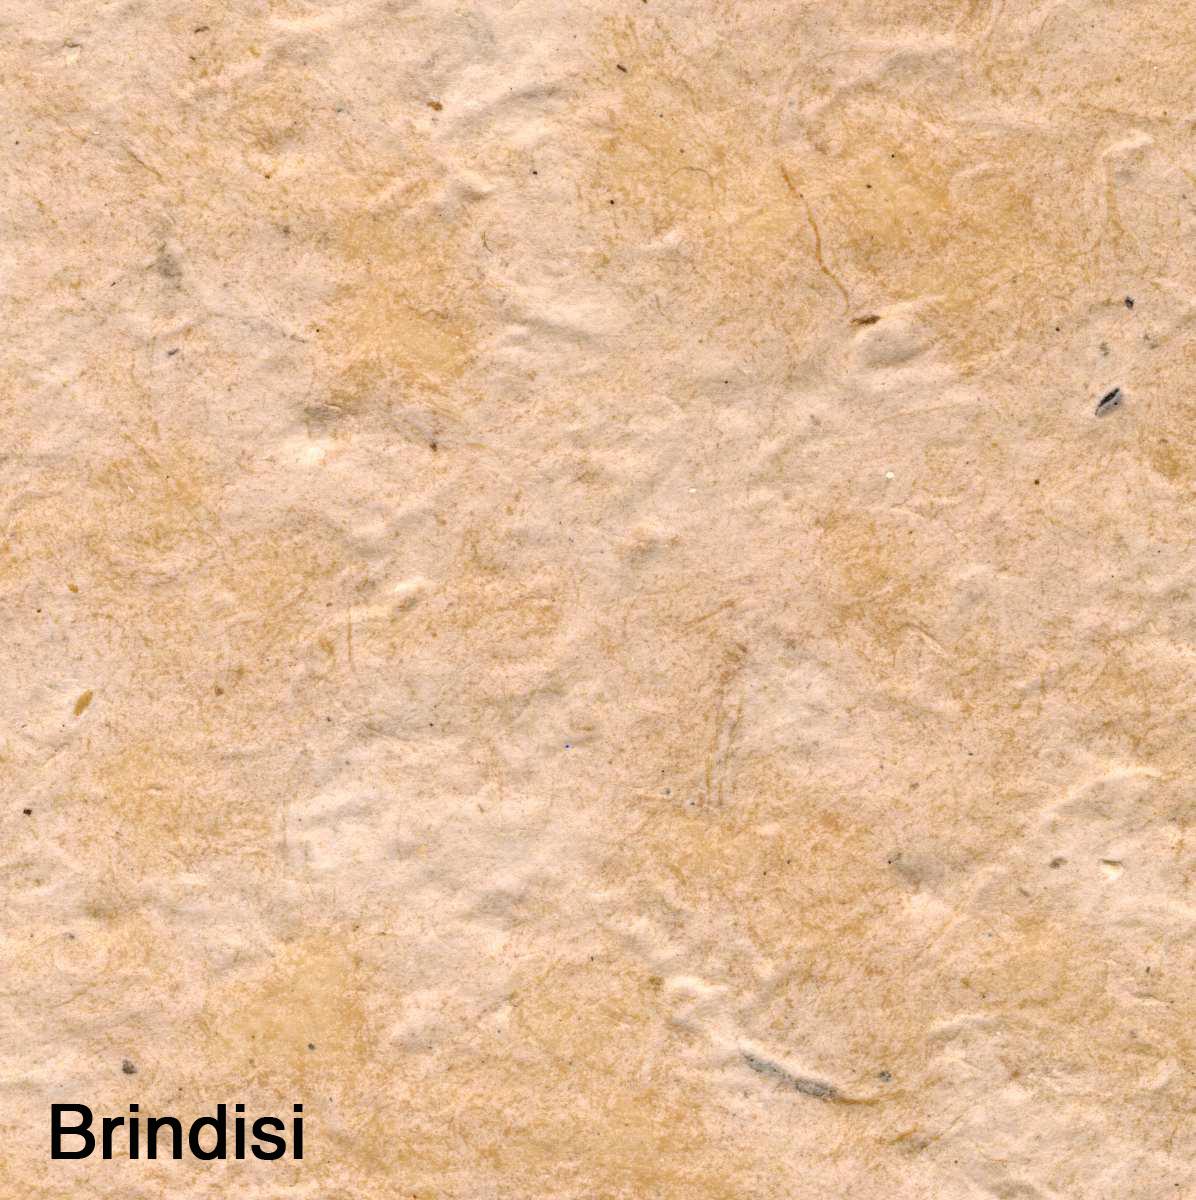 Brindisi002.jpg